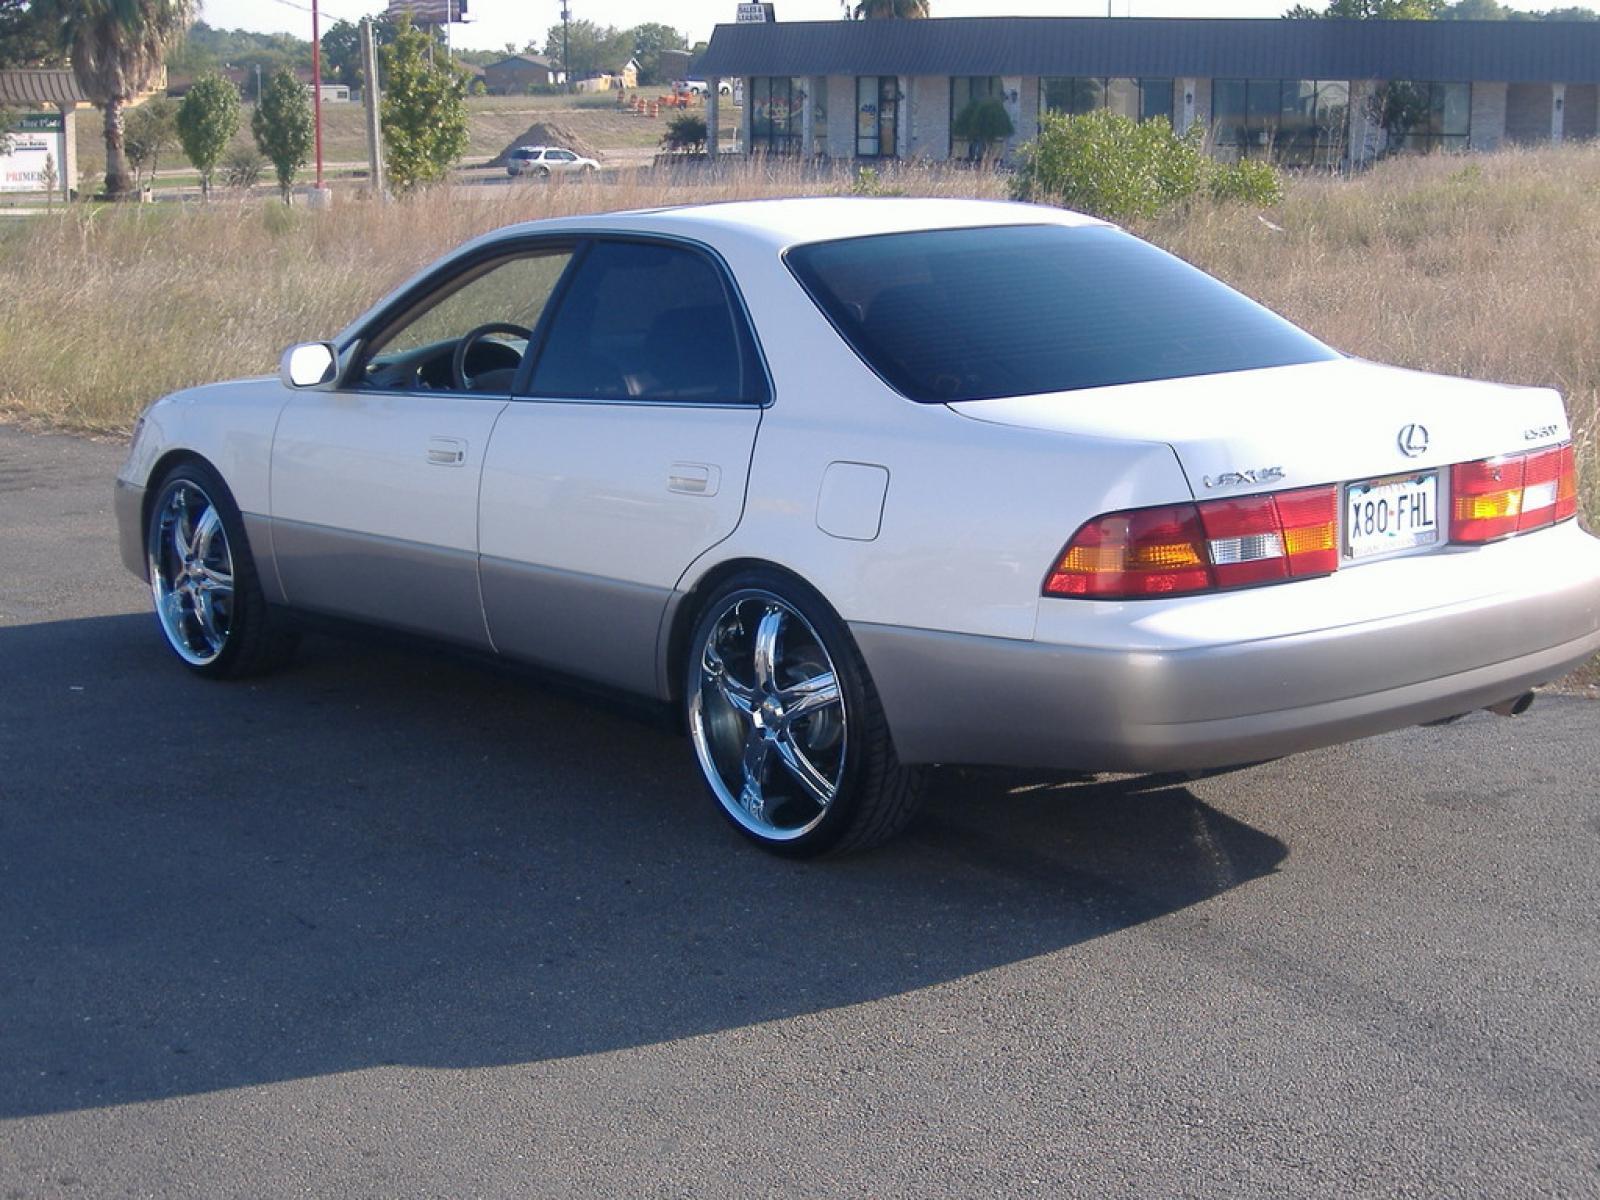 Beautiful 1998 Lexus ES 300 #2 Lexus ES 300 #2 800 1024 1280 1600 Origin ...